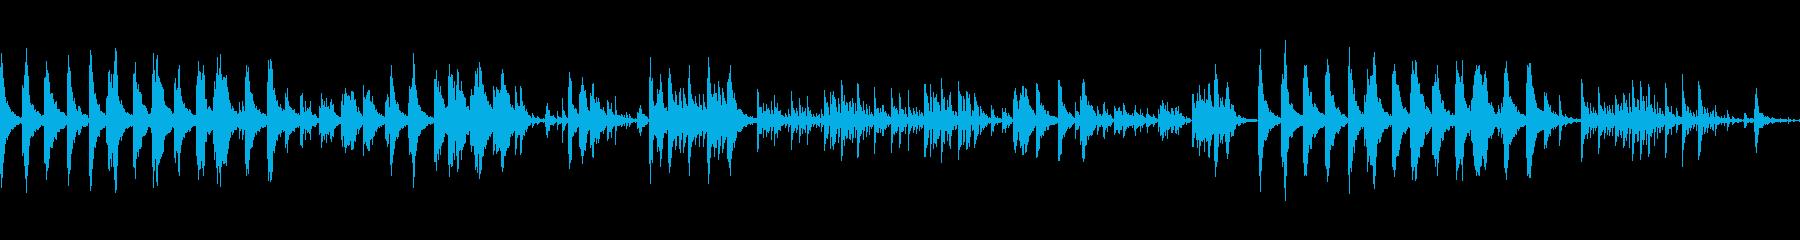 ピアノの軽快なソロが魅力的な曲です。の再生済みの波形